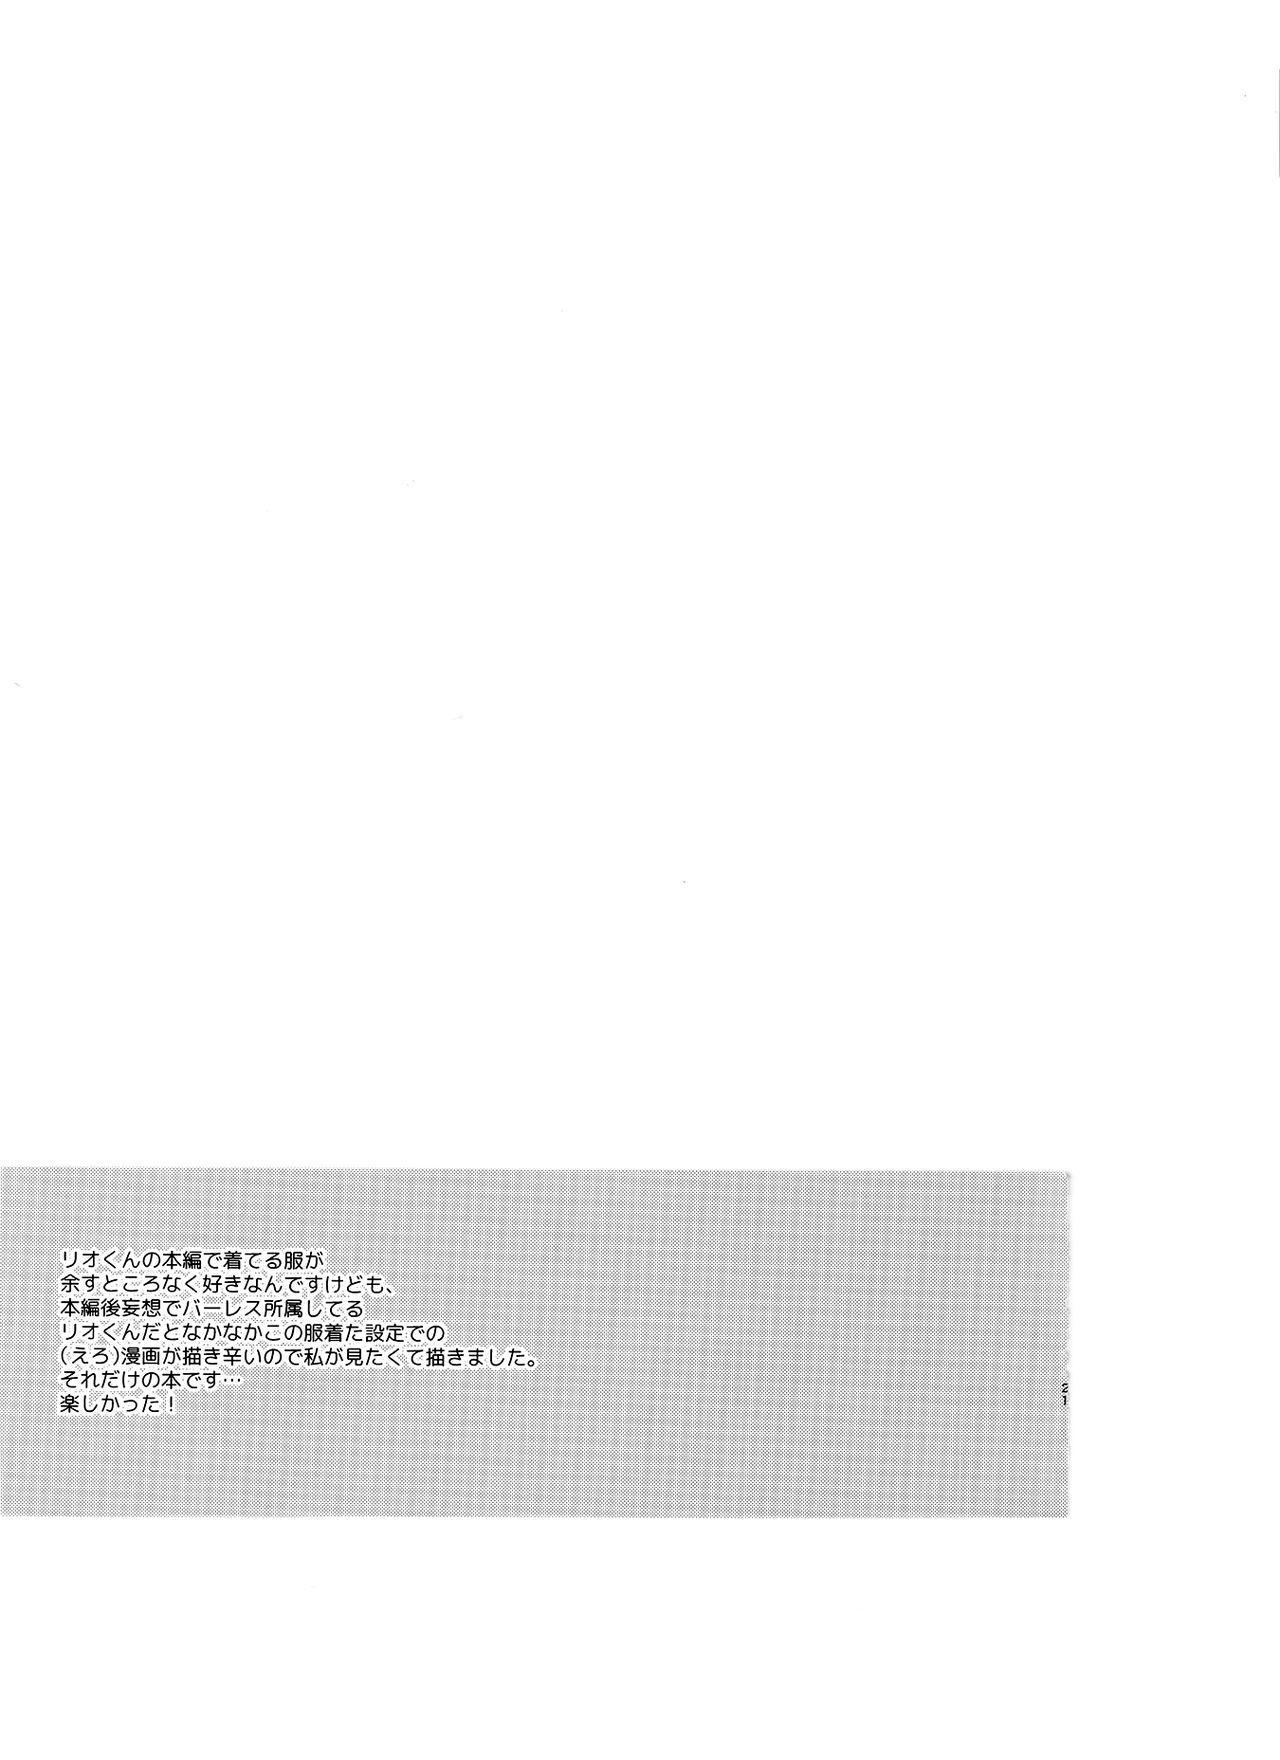 Kite Mita.丨穿著試試. 19